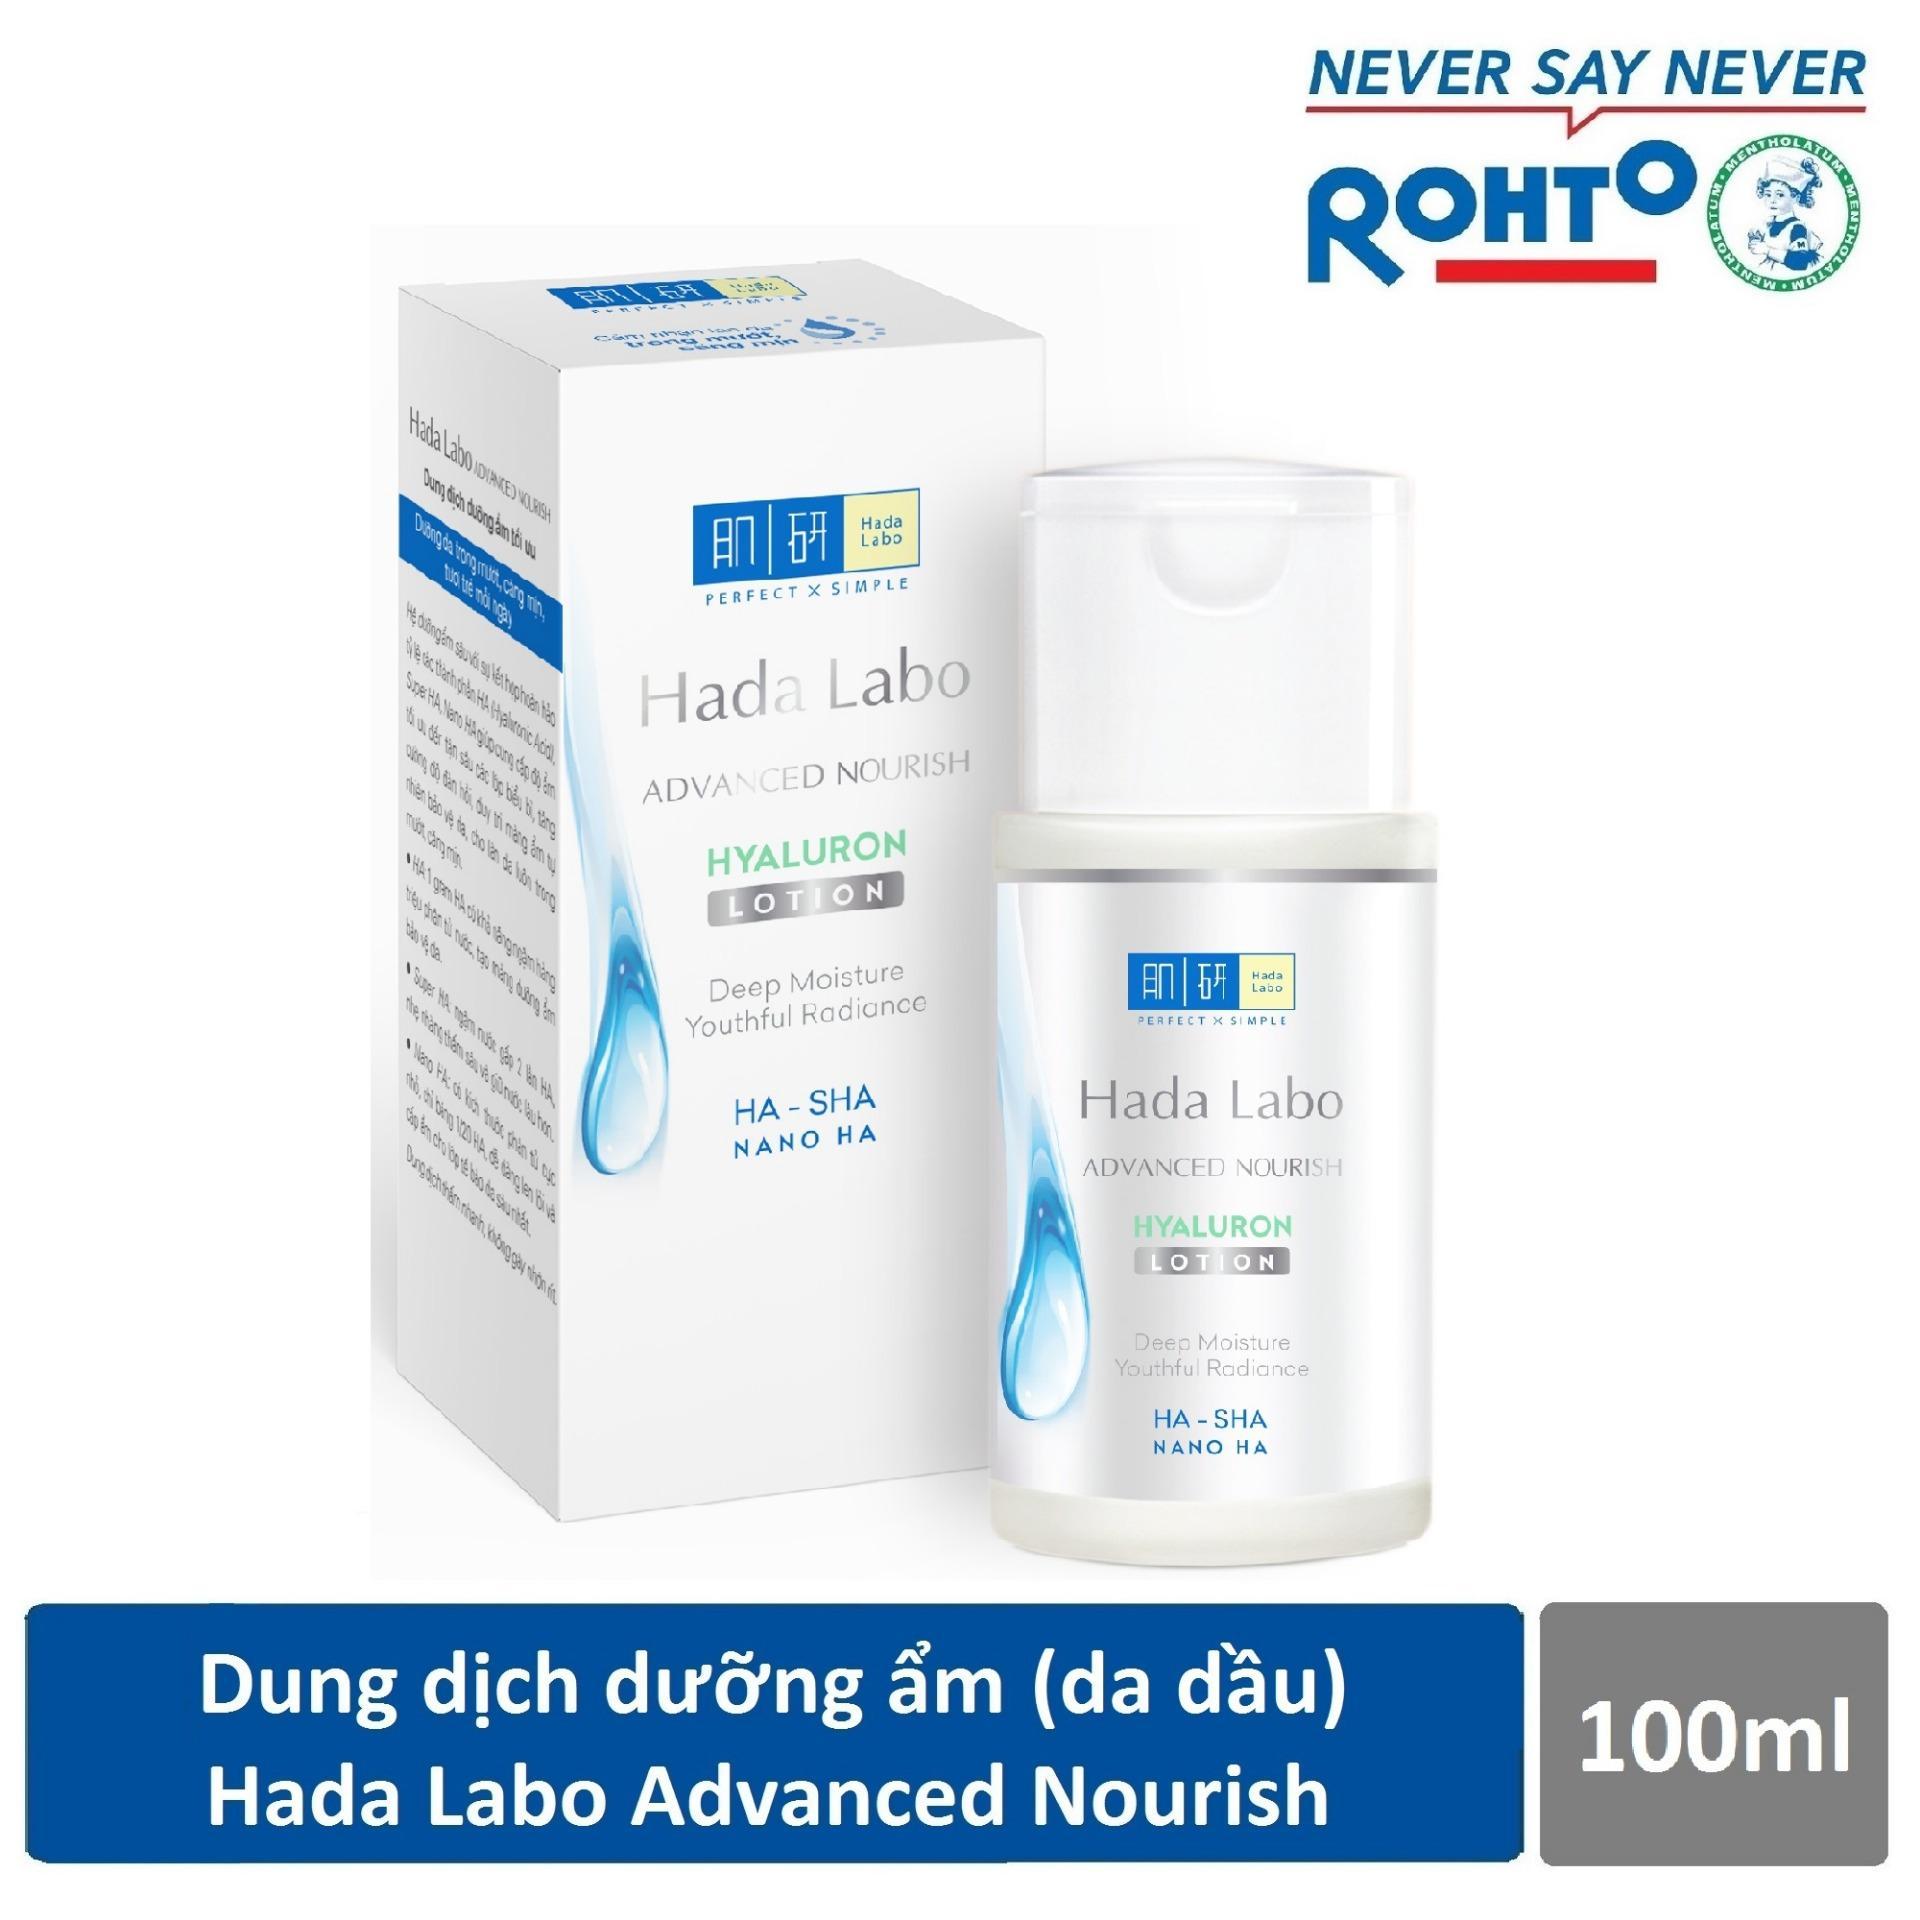 Dung dịch dưỡng ẩm tối ưu Hada Labo Advanced Nourish Lotion dùng cho da dầu 100ml